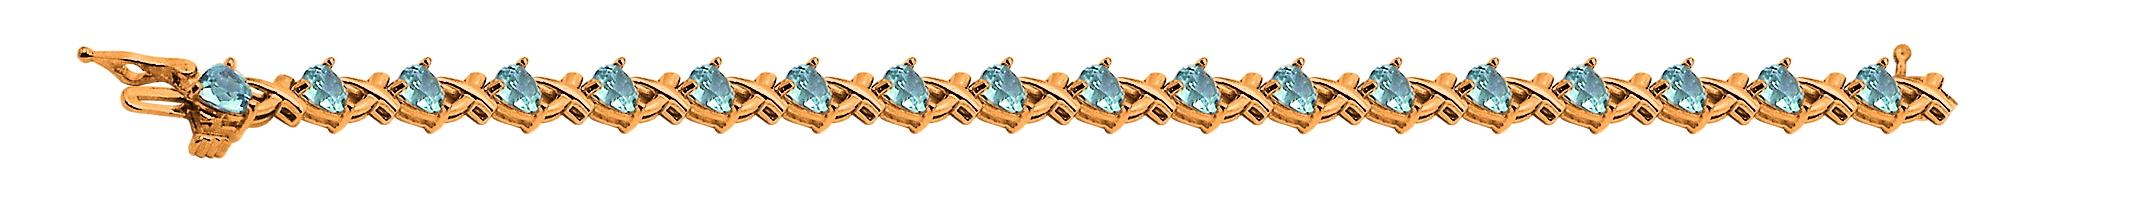 Золотой браслет с самоцветом огранки Треугольник, треугольная форма, различные вставки